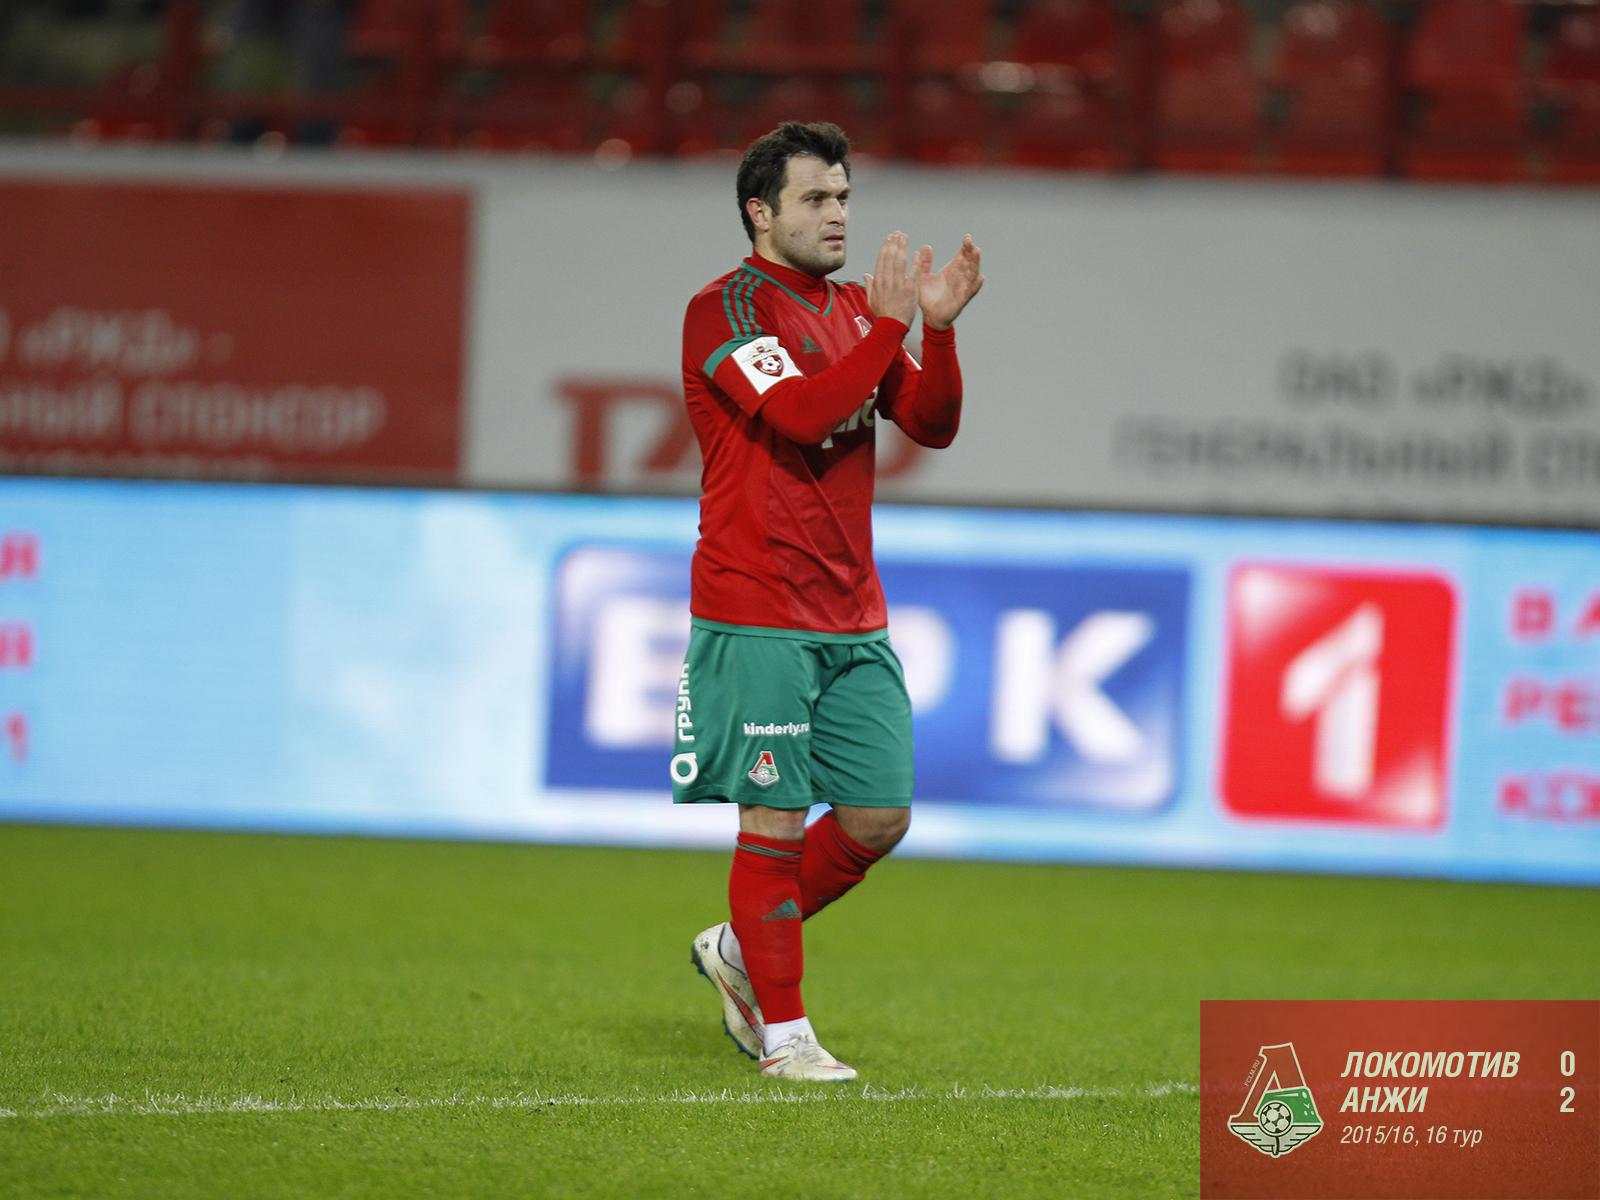 «Локомотив» - «Анжи» - 0:2